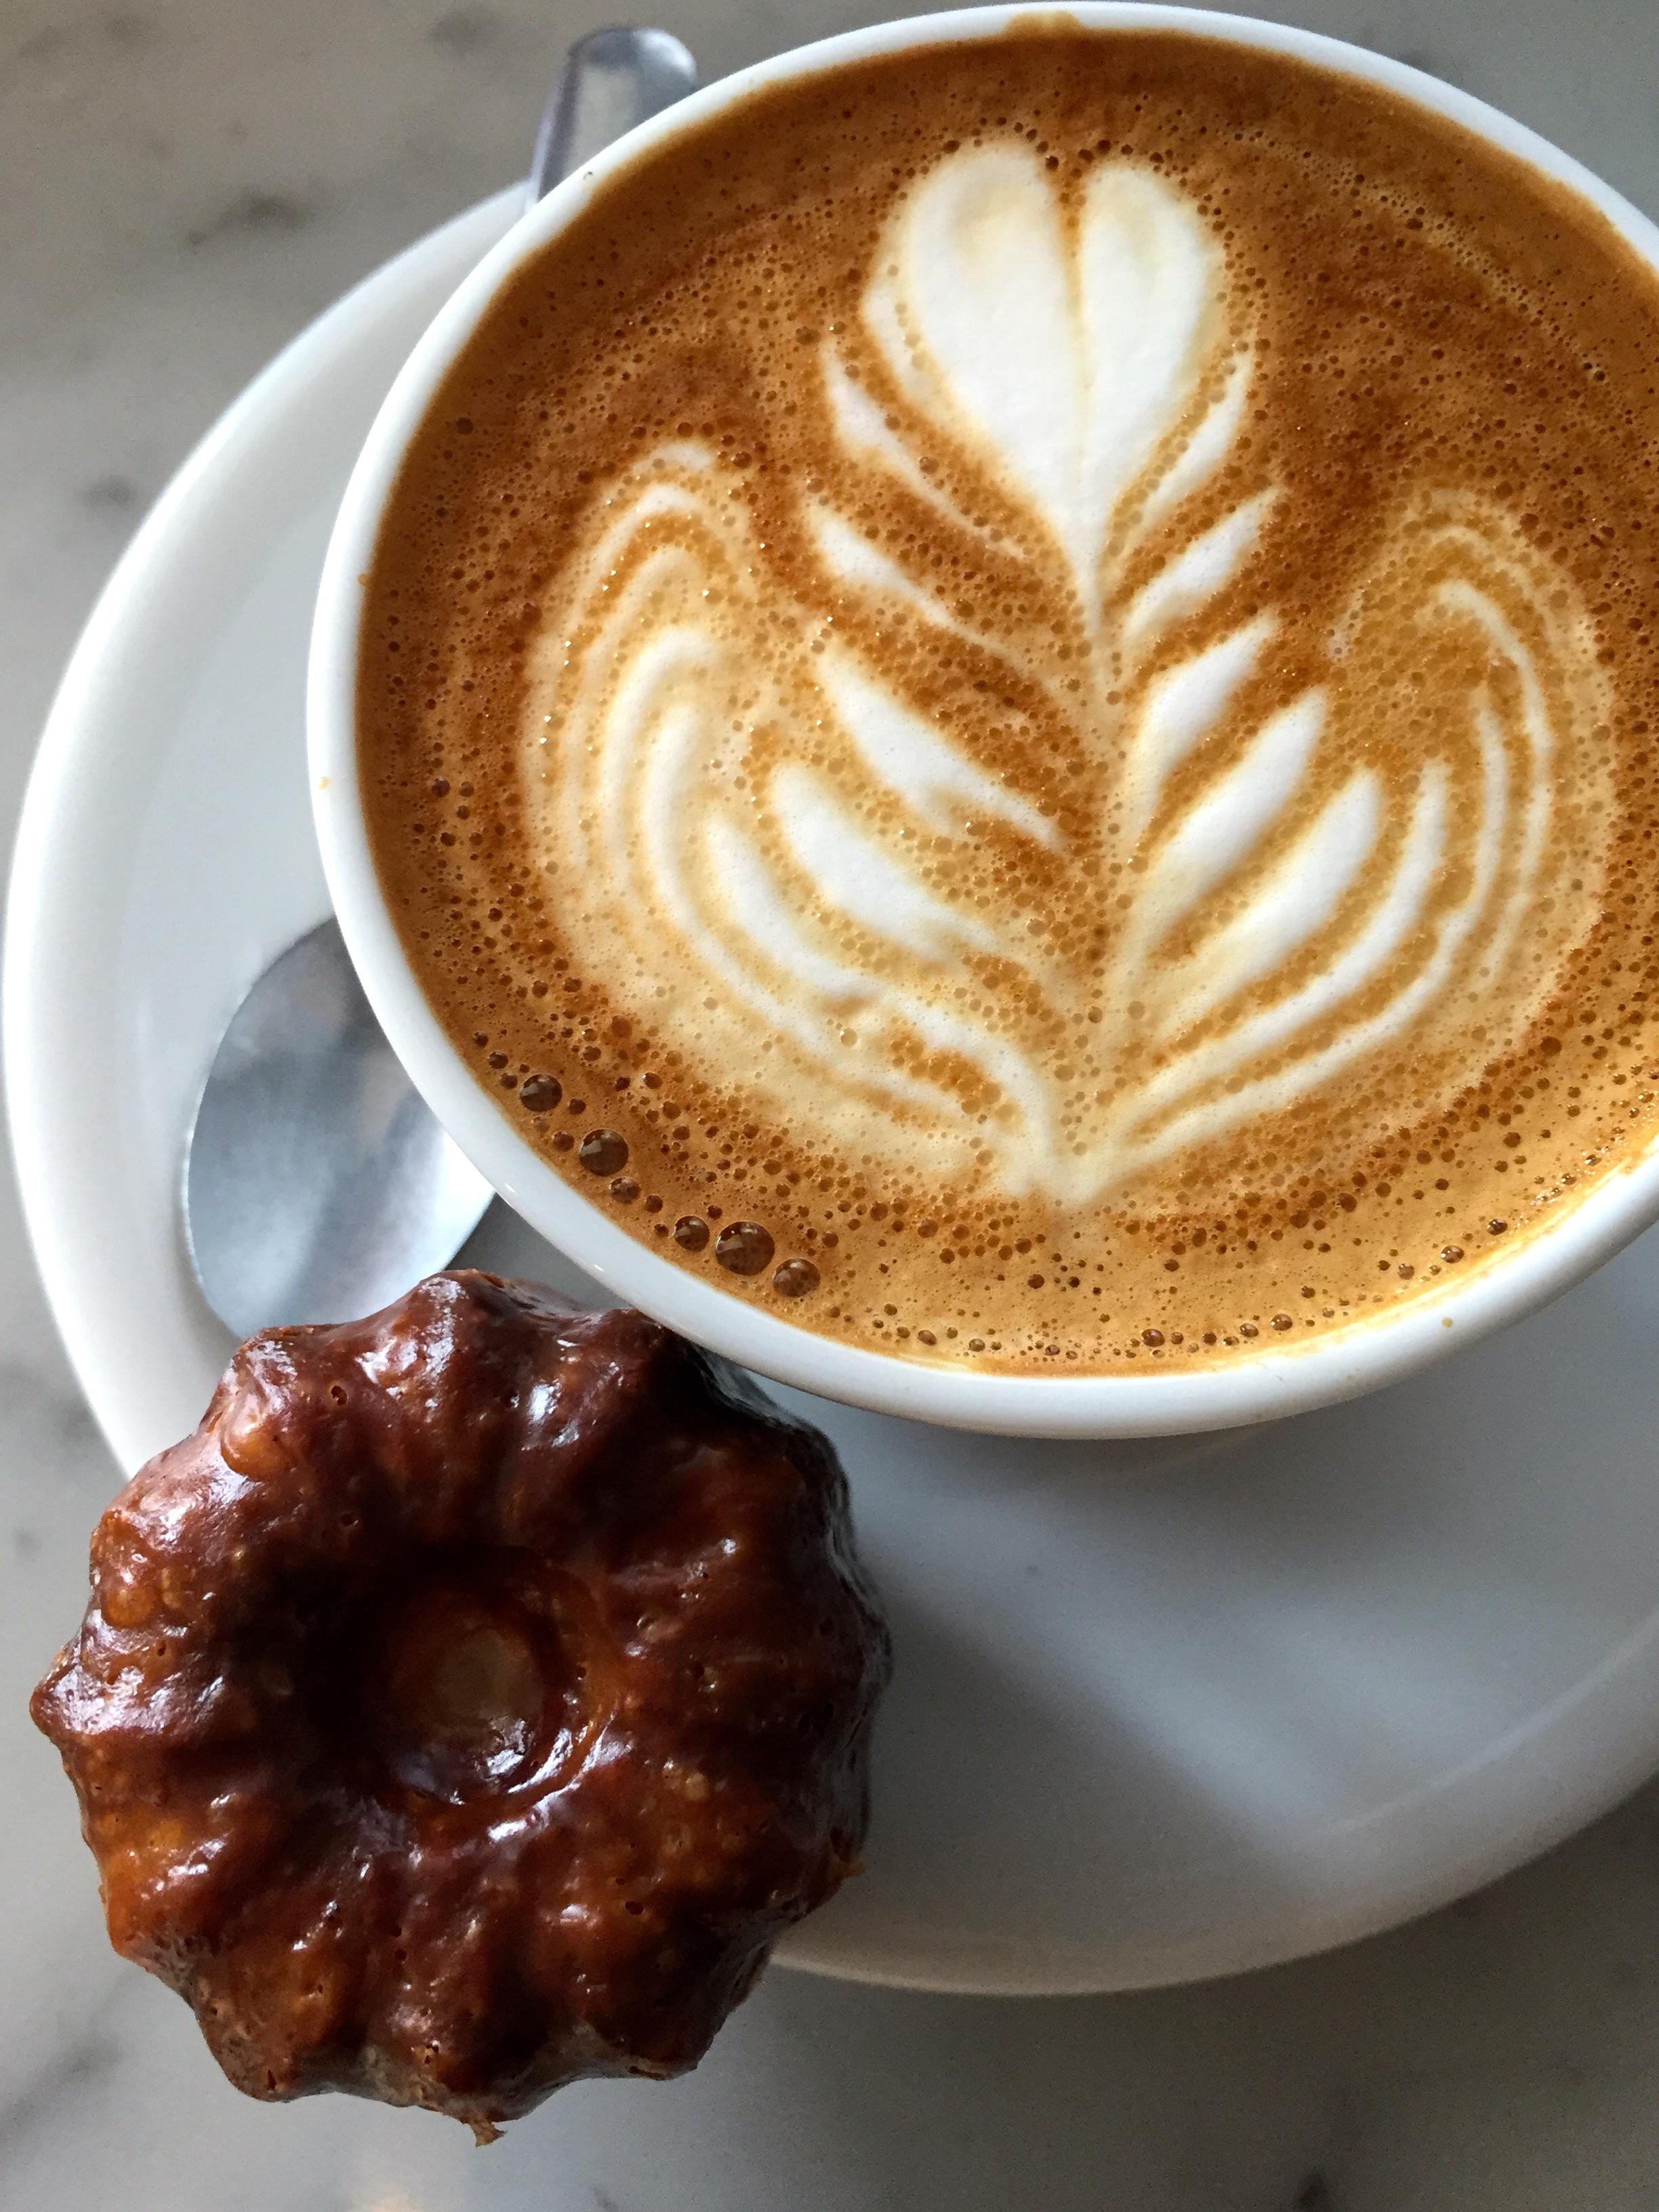 A Cappuccino and aCanelé